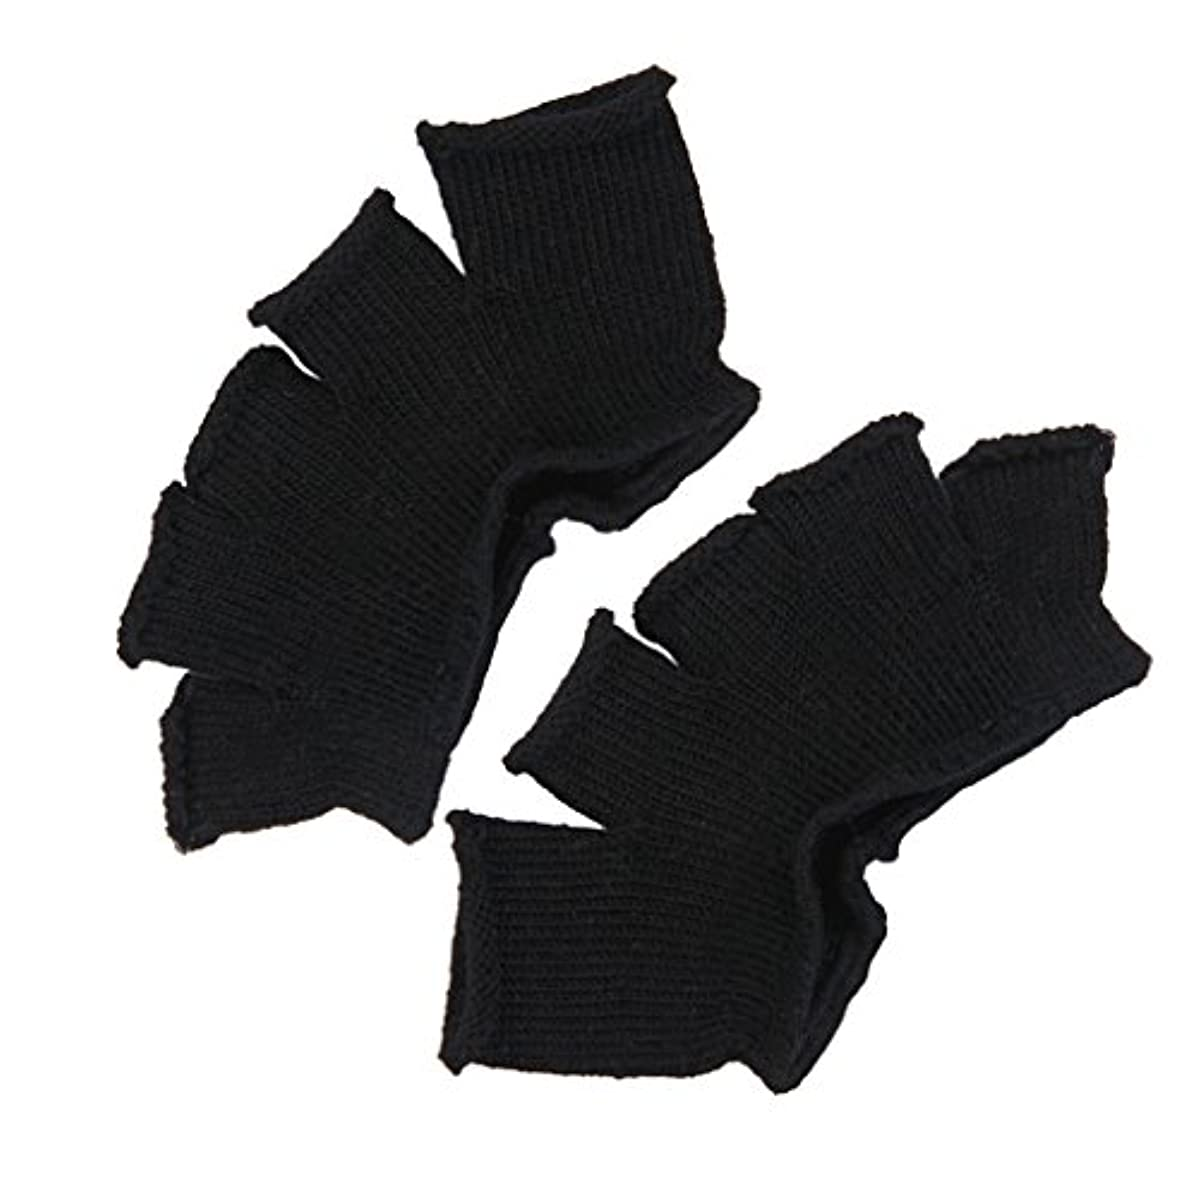 なぜなら無し動機Footful 5本指カバー 爽快指の間カバー 2枚組 男女兼用 足の臭い対策 抗菌 防臭 フットカバー (ブラック)